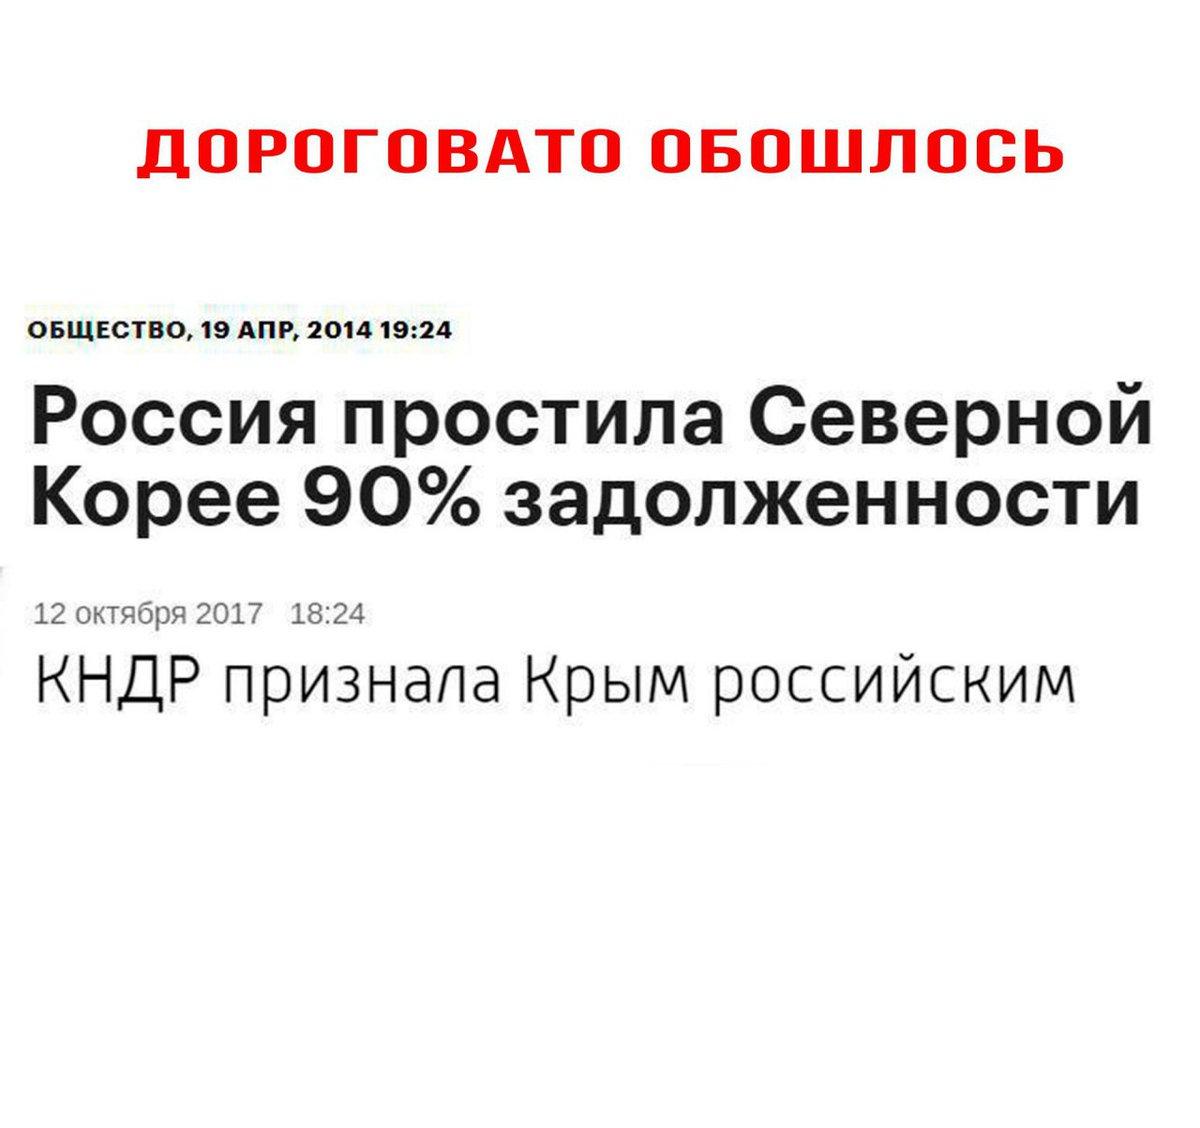 Путин ввел санкции против КНДР в ответ на проведение Пхеньяном ракетно-ядерных испытаний - Цензор.НЕТ 6767